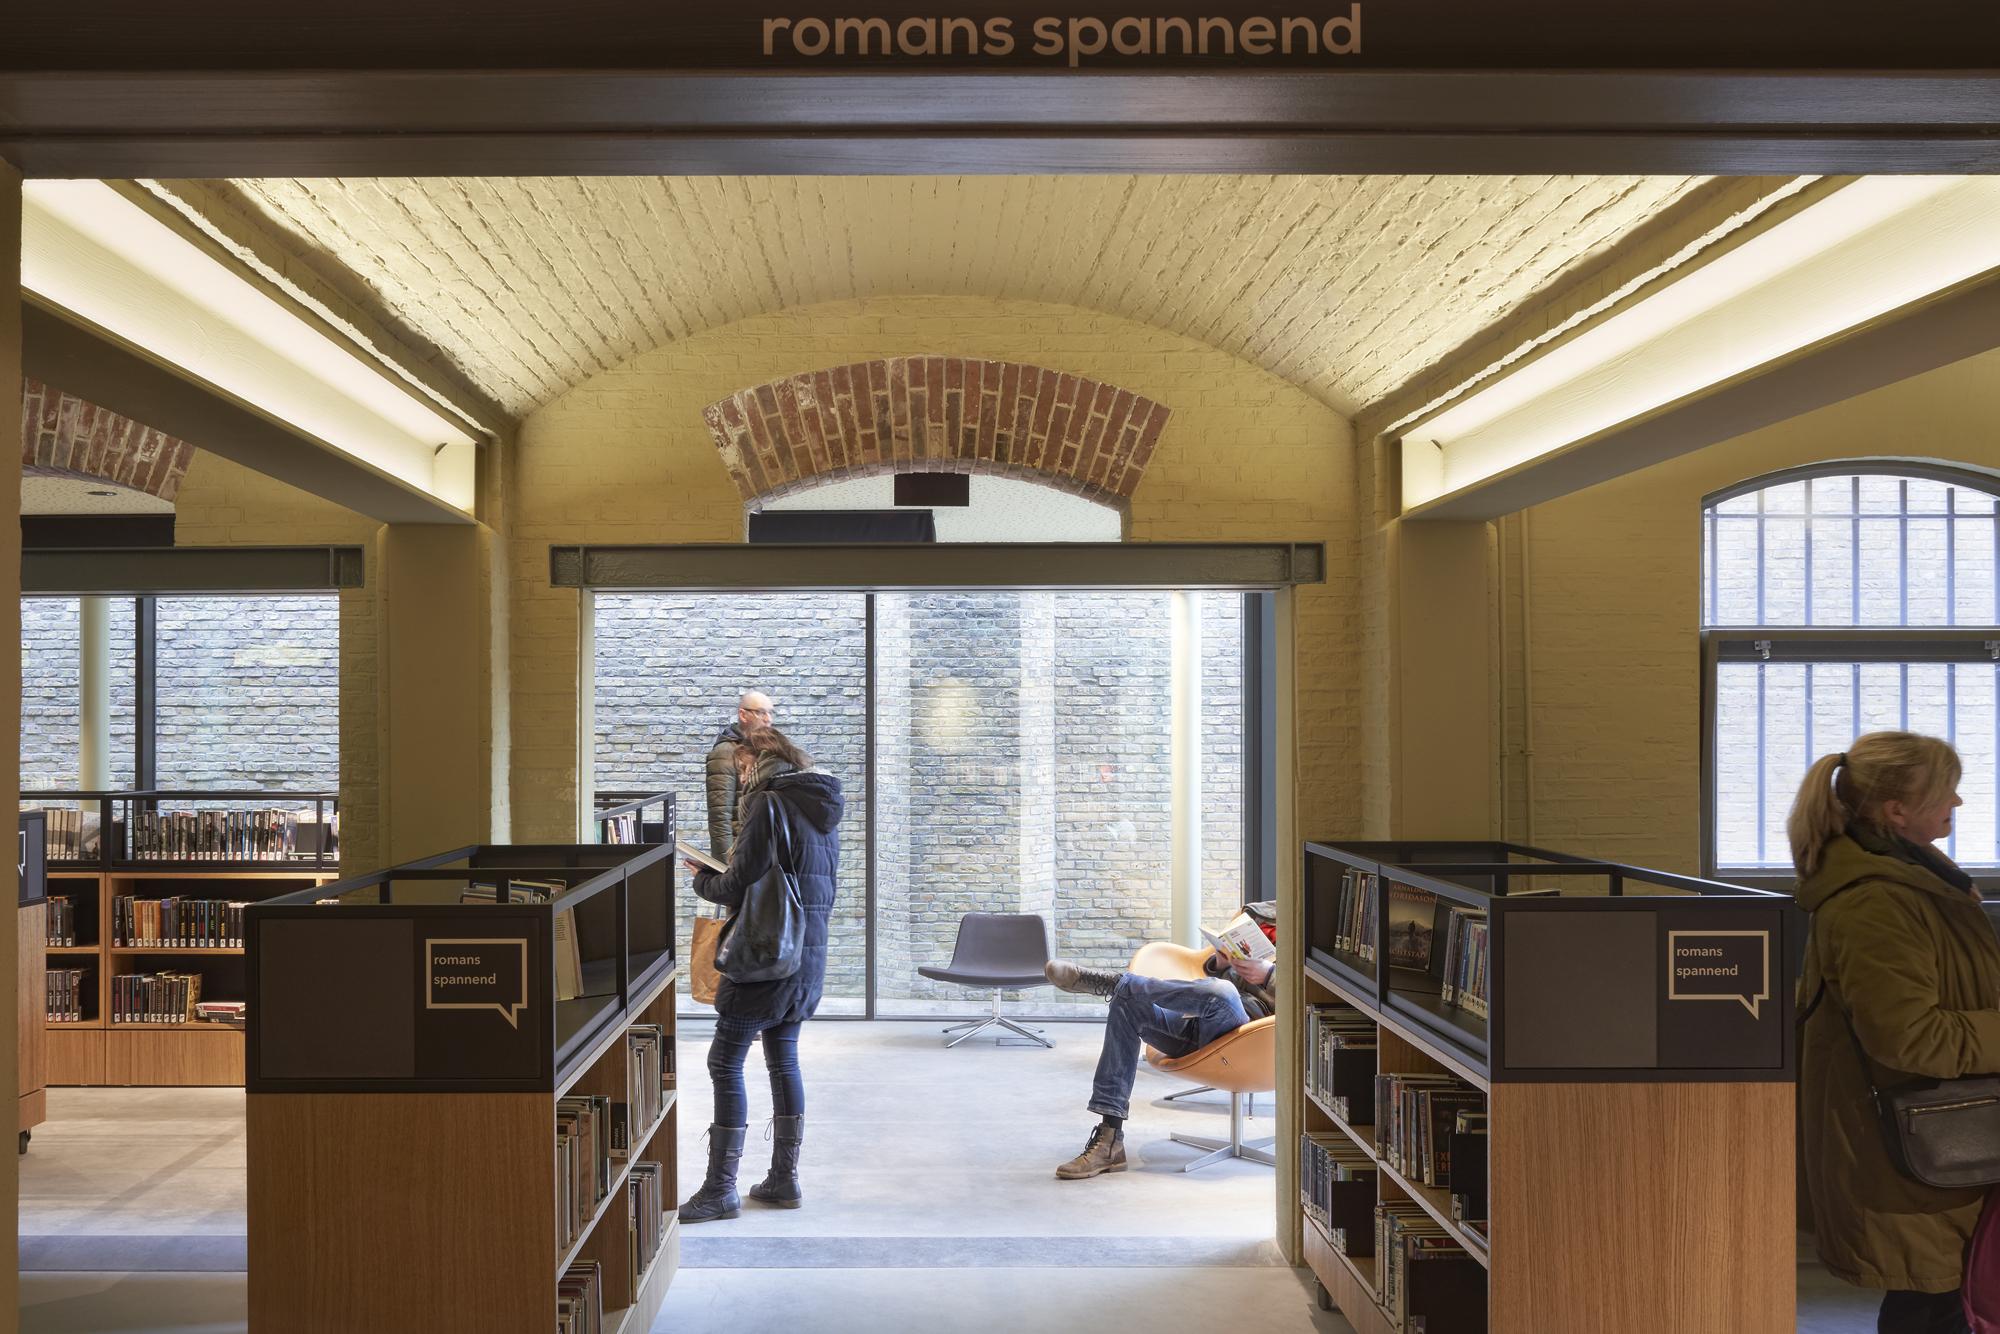 <p>De Blokhuispoort, de bibliotheek, foto: Gerard van Beek</p>